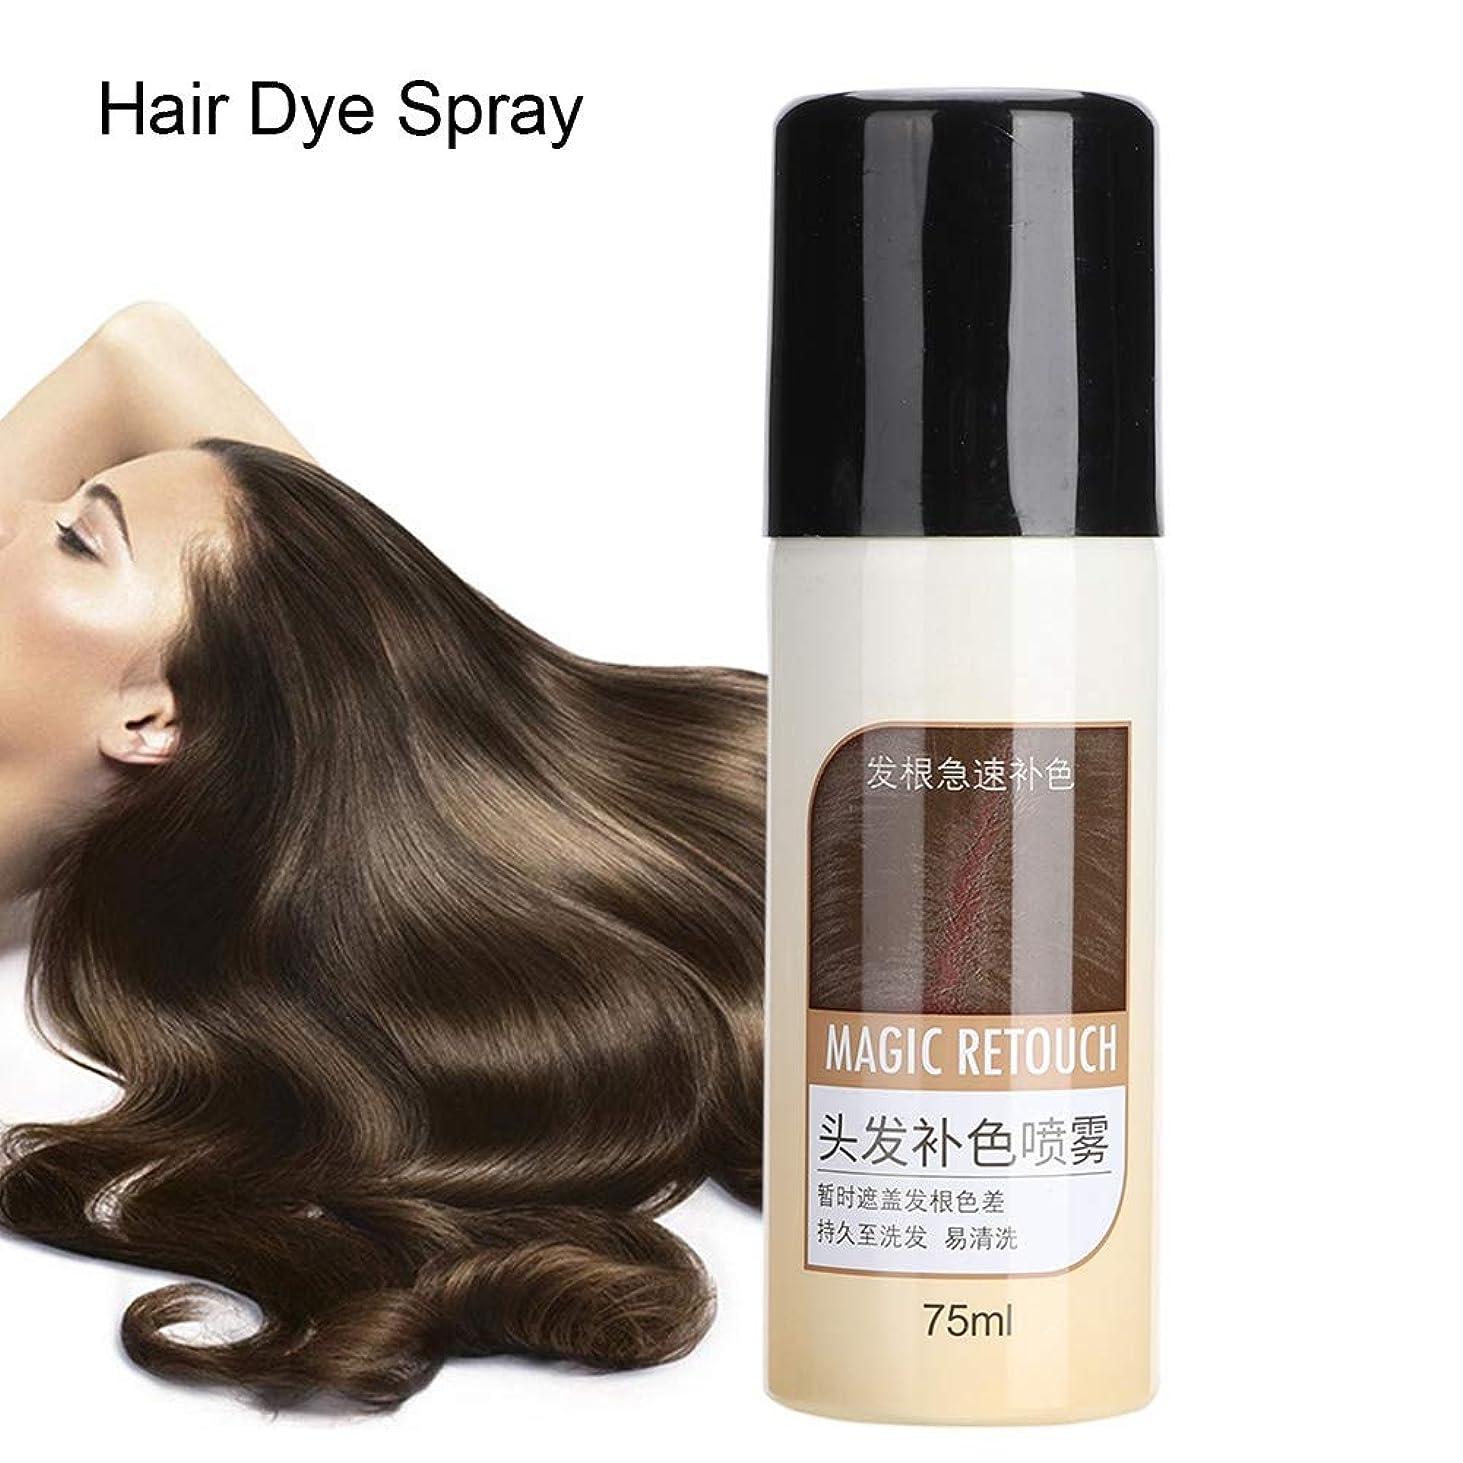 真面目なピークぐるぐるヘアダイ、べたつかないマットヘアスタイル栄養補給用洗えるスプレーカバー白髪用長続きするカラー染料750ml (#1)